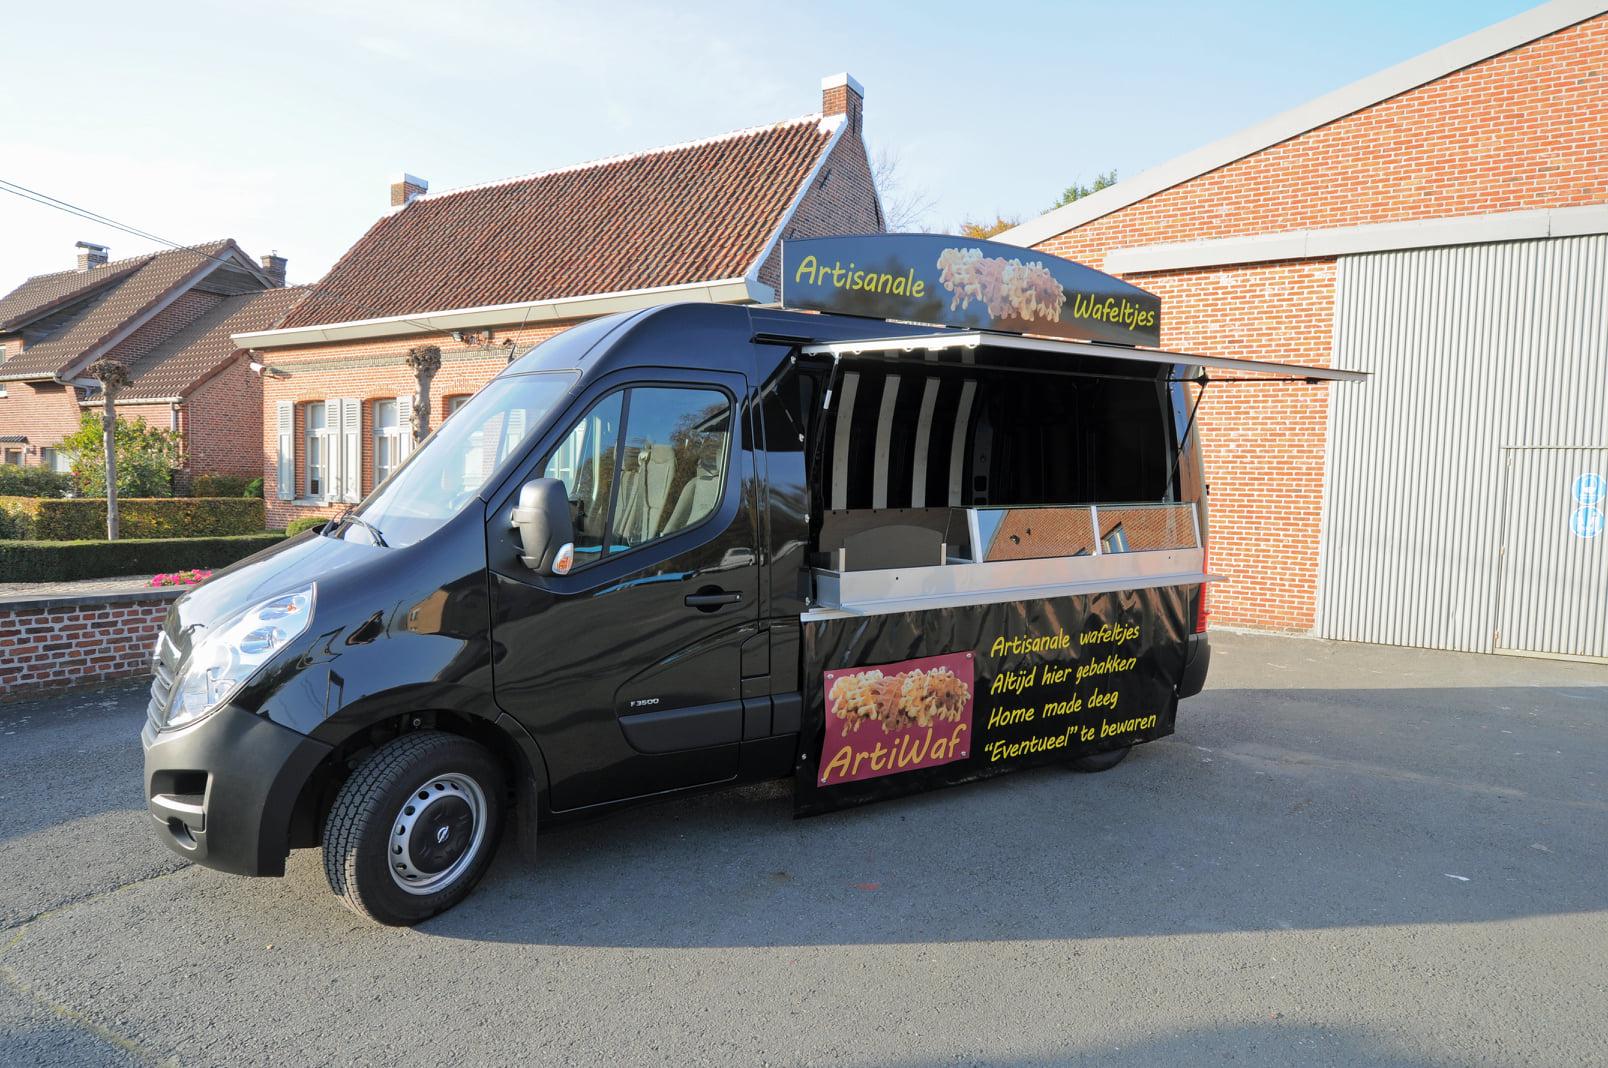 ARTIWAF,-vers-bereide-artisanale-wafels-op-de-markt-heeft-een-nieuwe-bestelwagen--8-11-2020--(1)